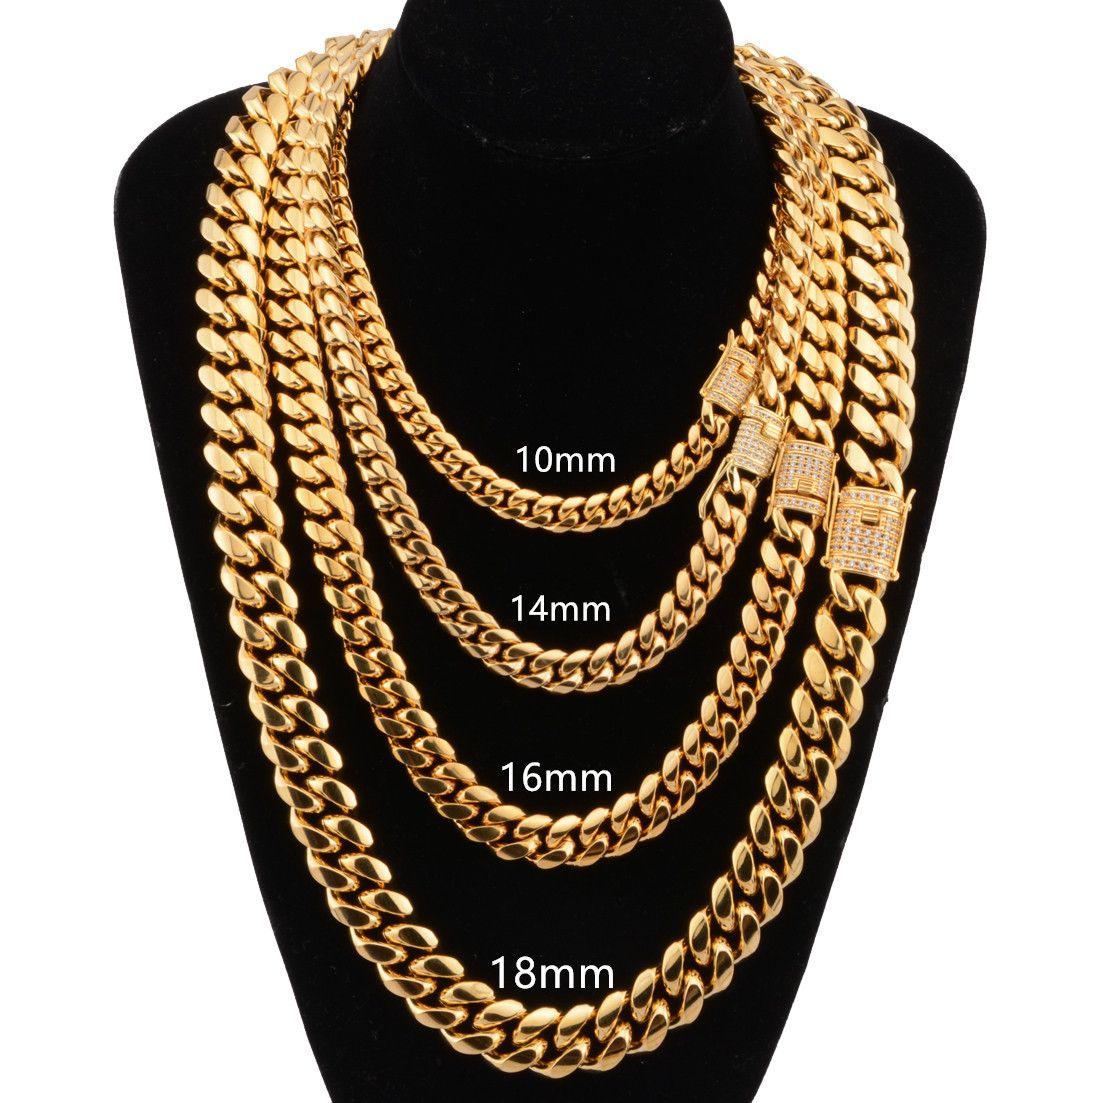 Heavy Mens 18K Gold заполнены сплошной кубинской кожурный цепь ожерелье Майами мужская кубинское обусловное цепочковое ожерелье